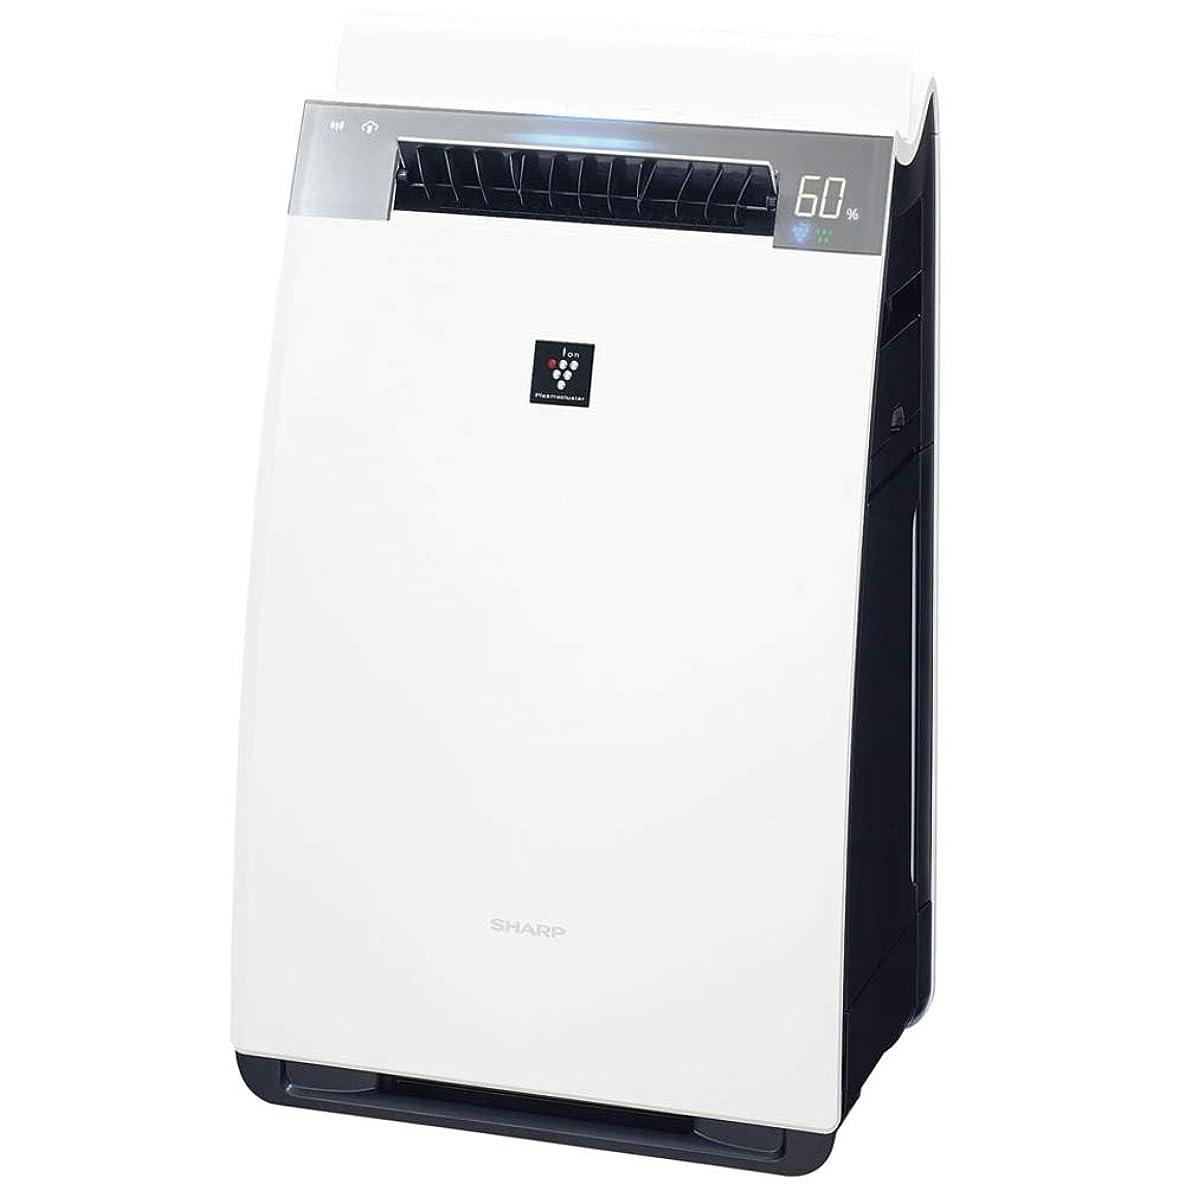 年齢無数の契約シャープ 加湿 空気清浄機 プラズマクラスター25000搭載 ハイグレードモデル ホワイト KI-JX75-W